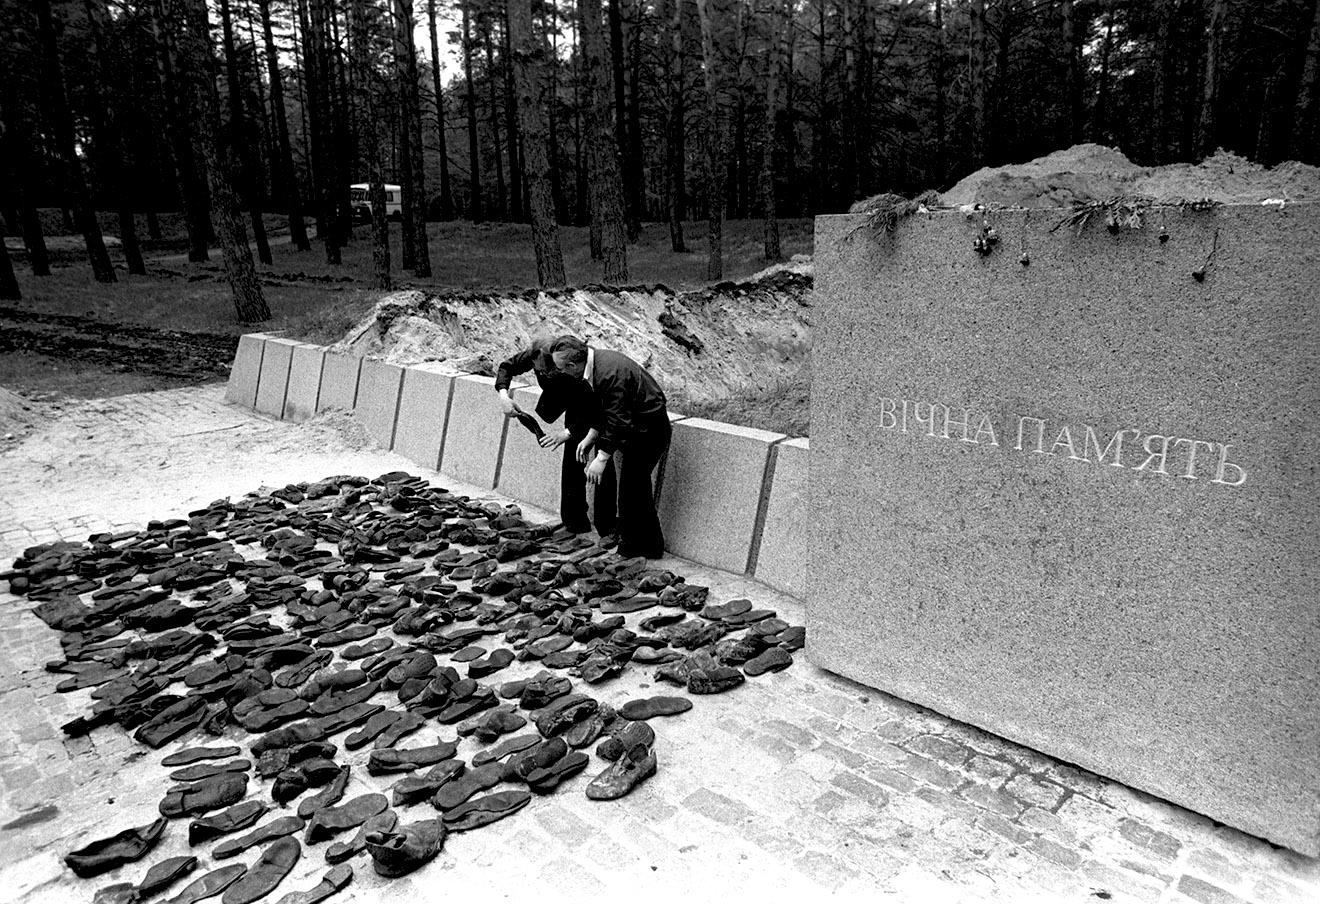 Эксперты-криминалисты изучают обувь, извлеченную из места массового захоронения жертв сталинских репрессий.